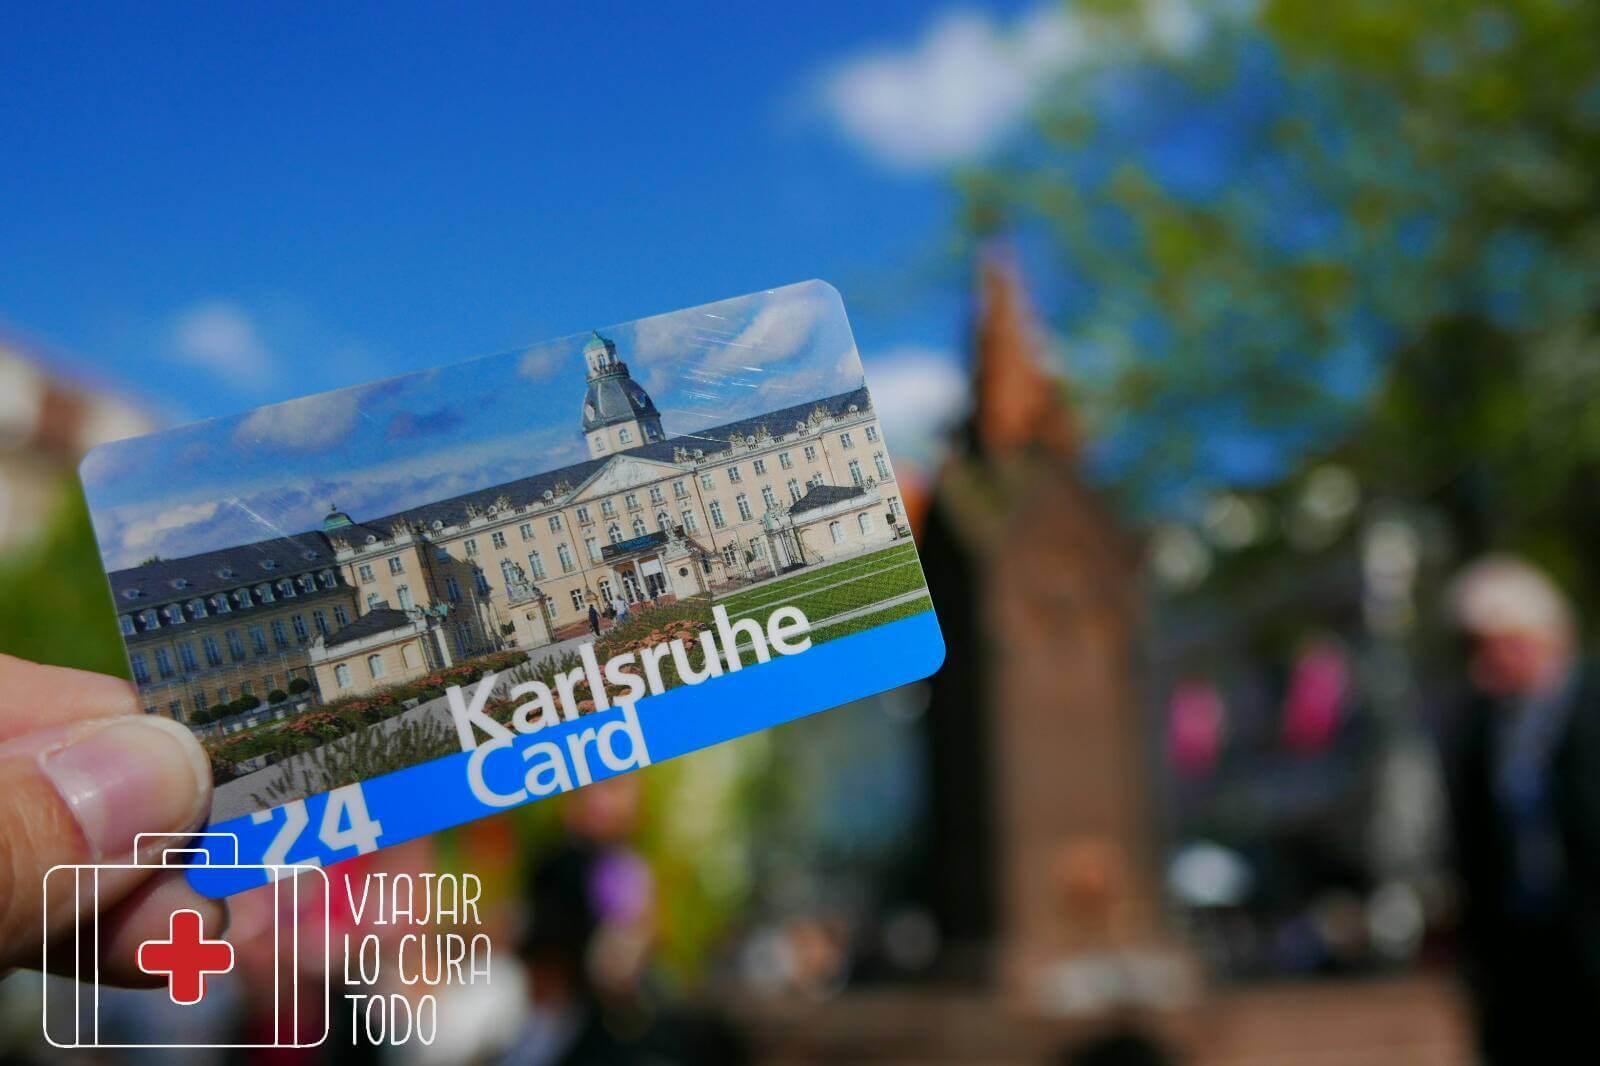 karlsruhe card